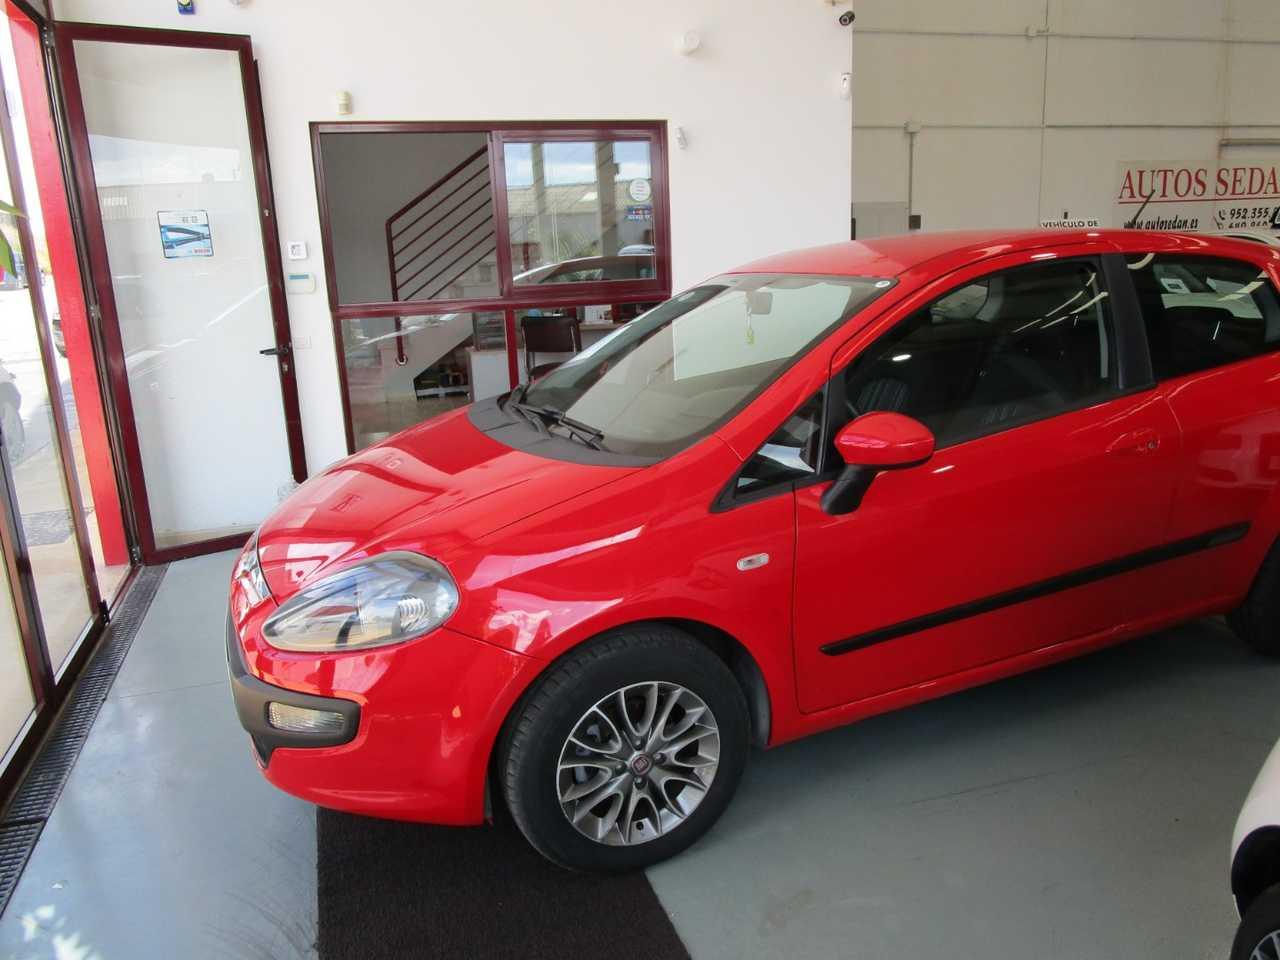 Fiat Punto Evo 1.2 GASOLINA SPORT UN SOLO PROPIETARIO, CERTIFICADO DE KM Y CARROCERIA   - Foto 1